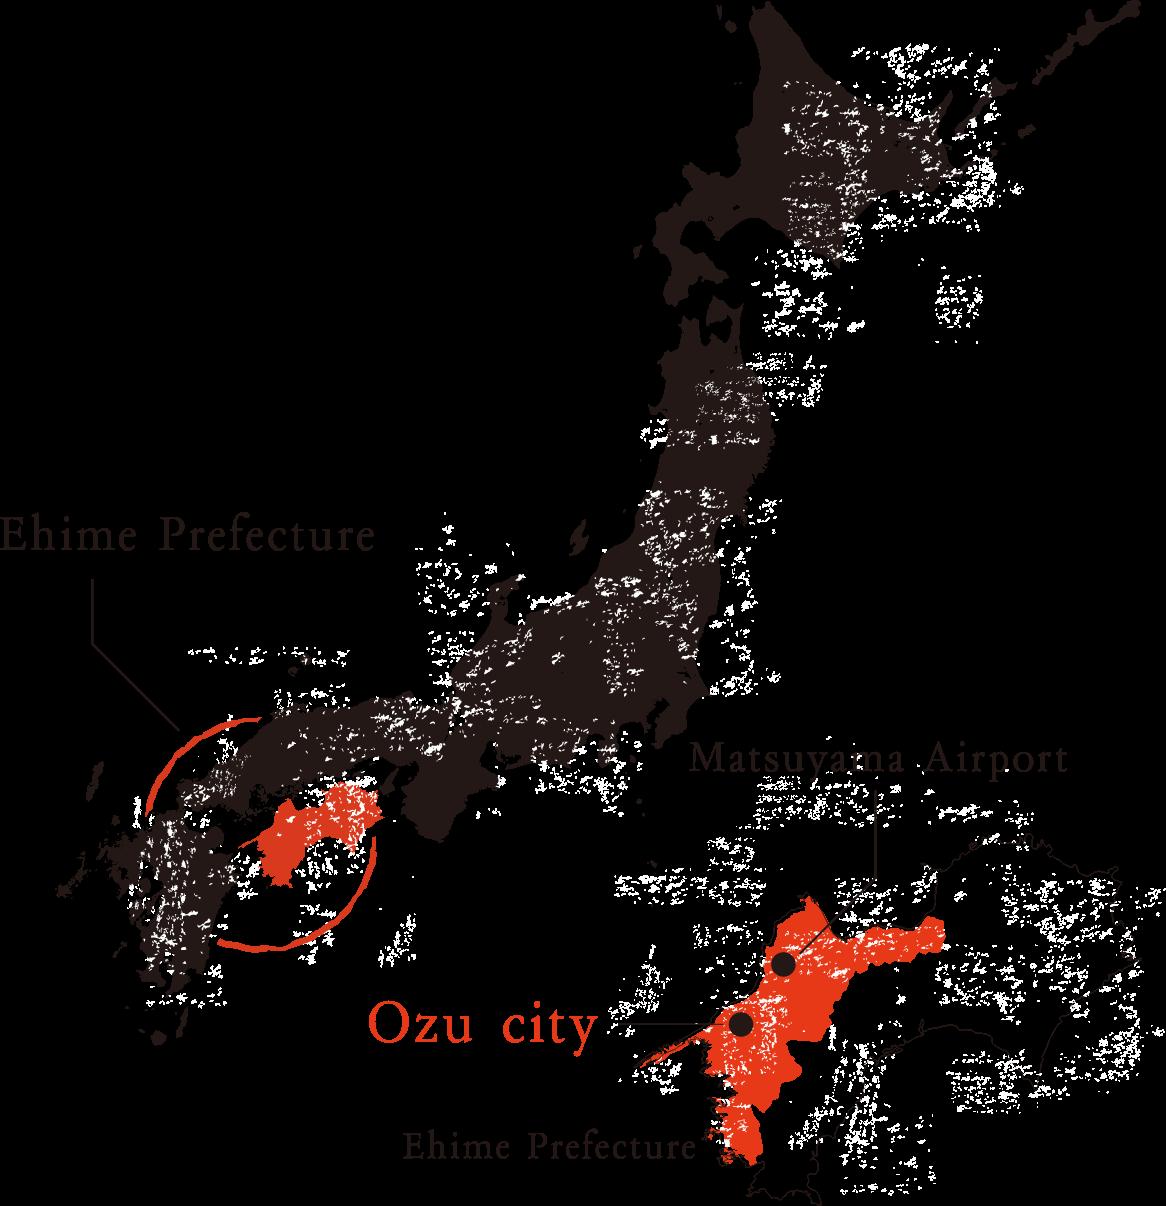 About Ozu City